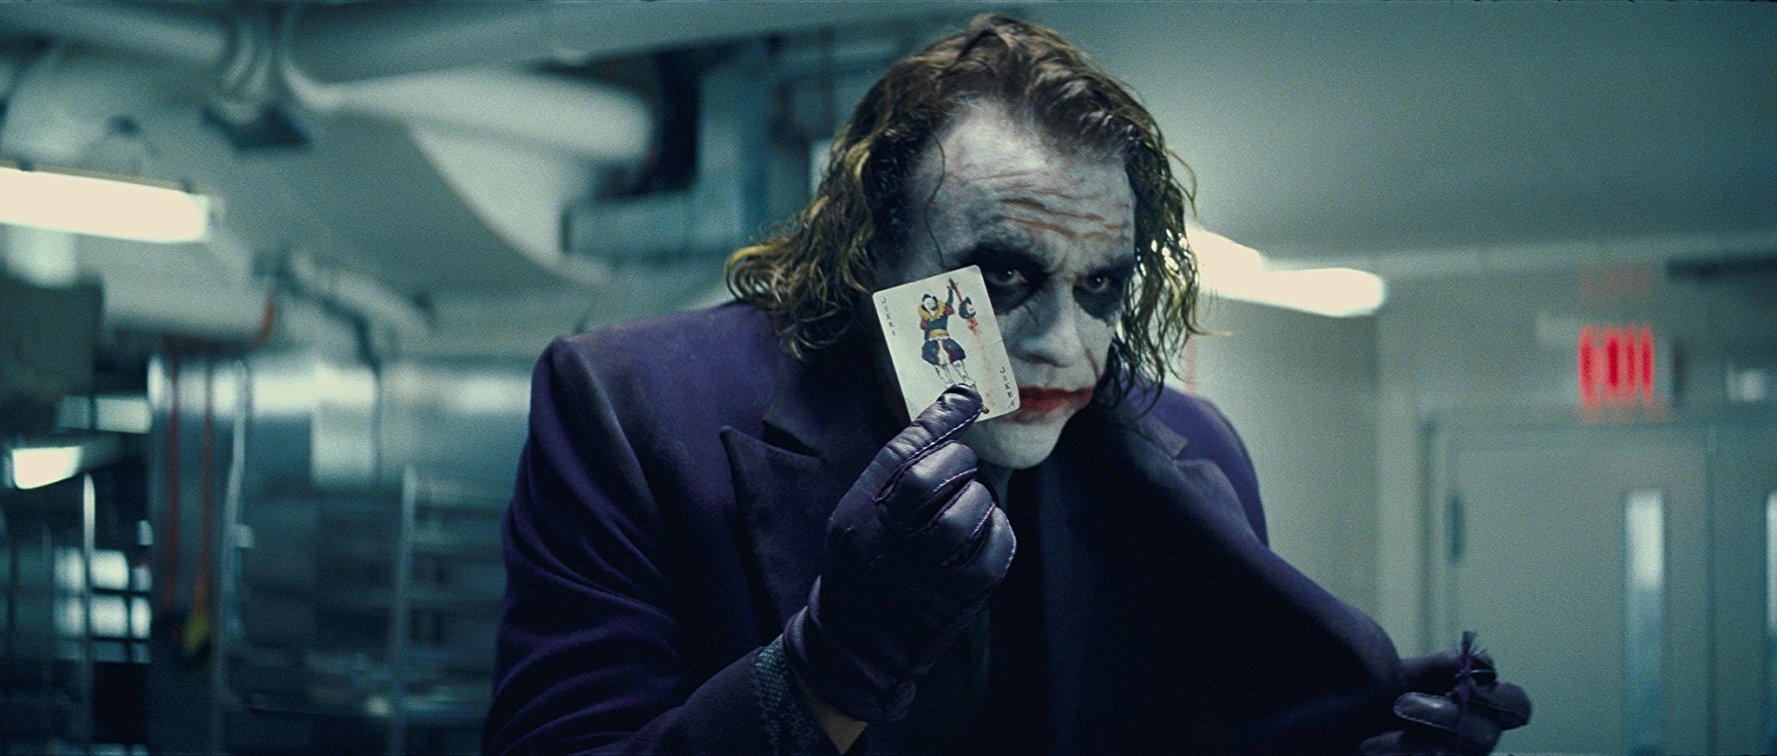 The Dark Knight : 10 ans après, que reste-t-il des super-héros ?